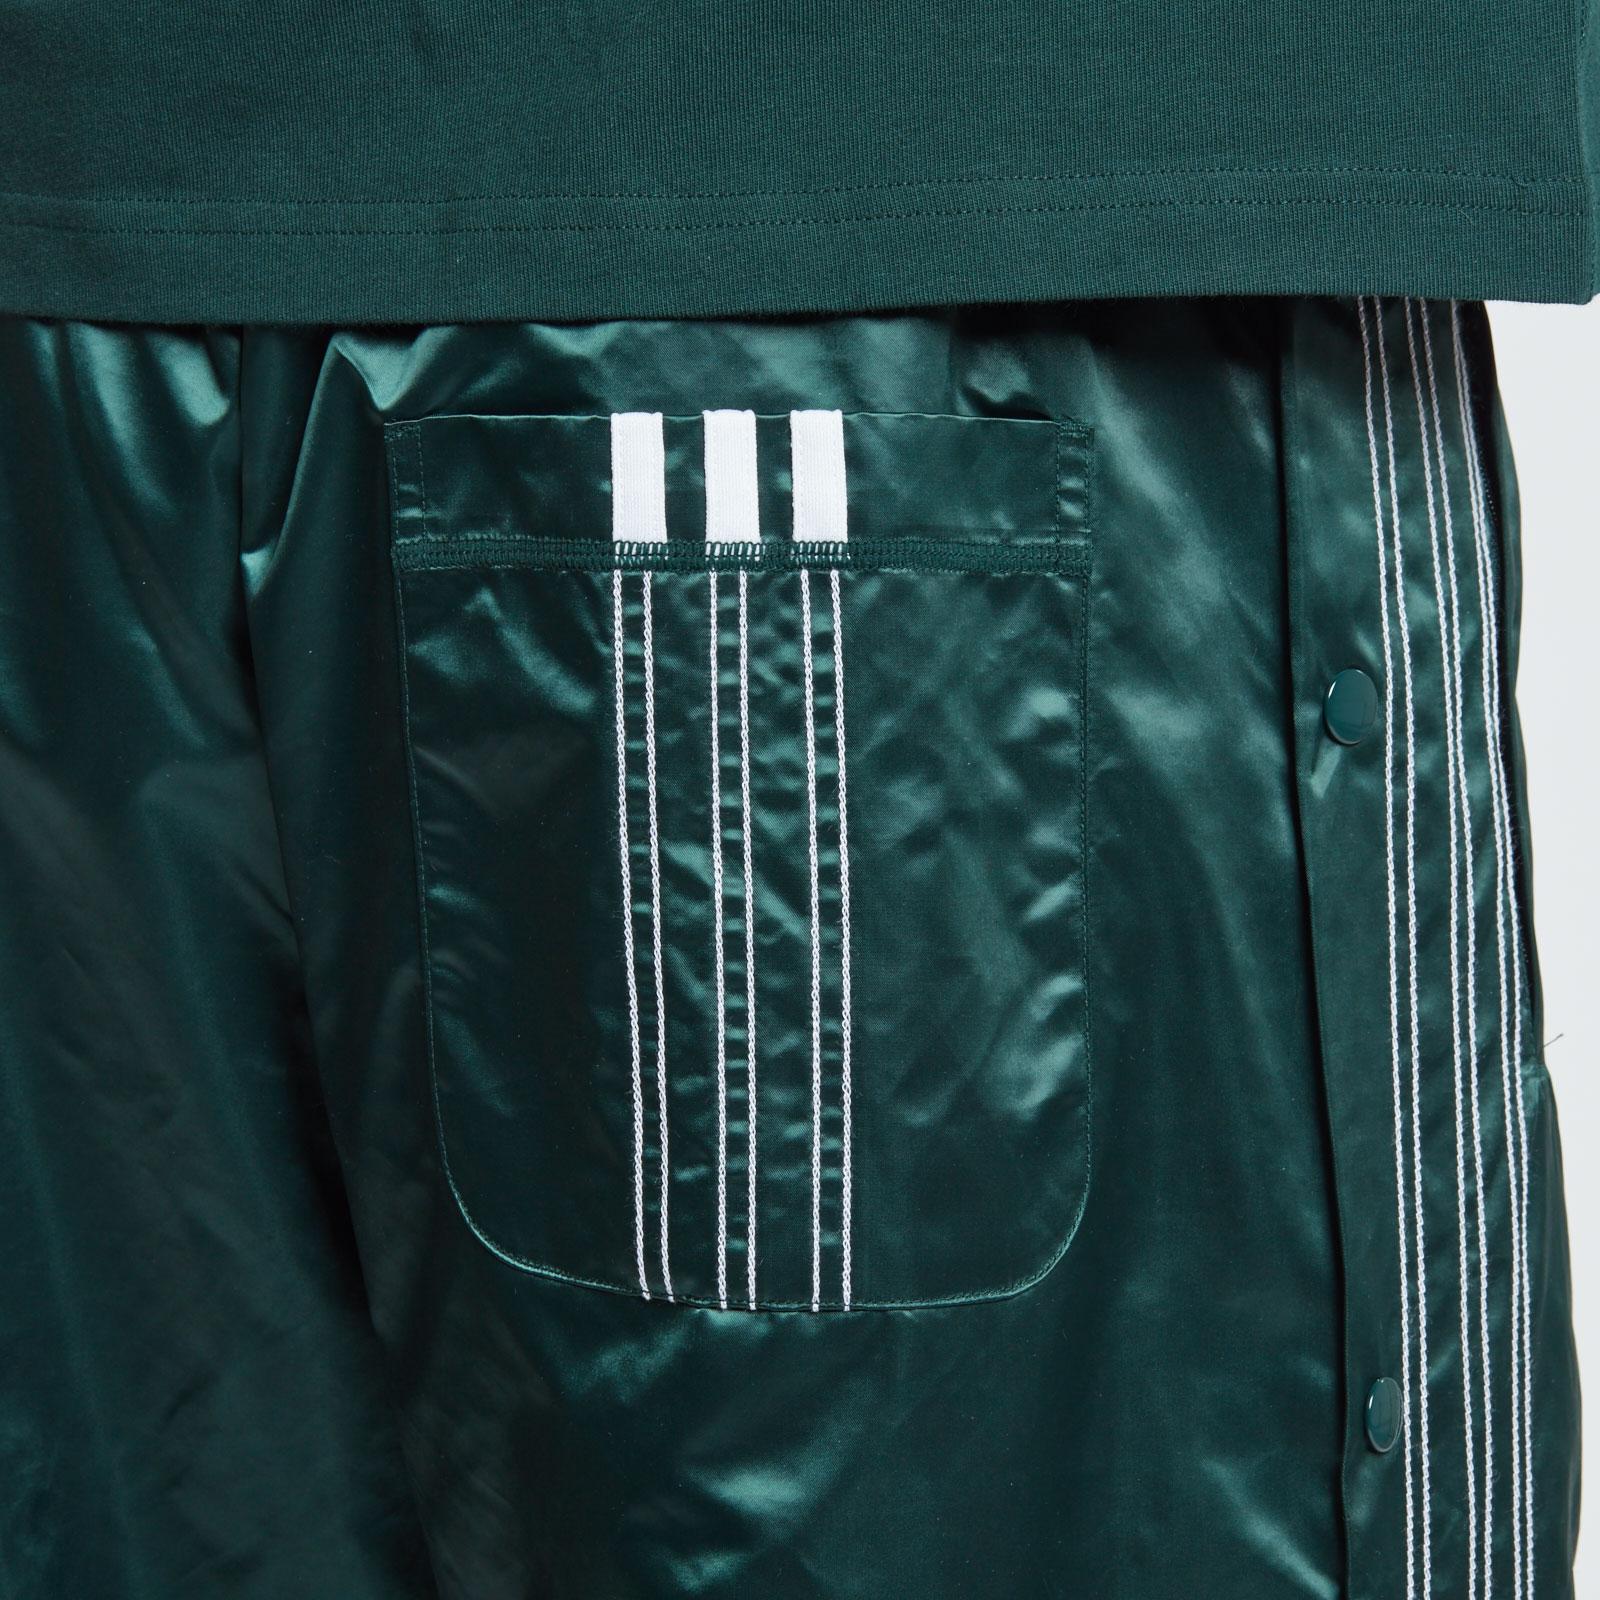 adidas Track Pants Cg1980 Sneakersnstuff   sneakers